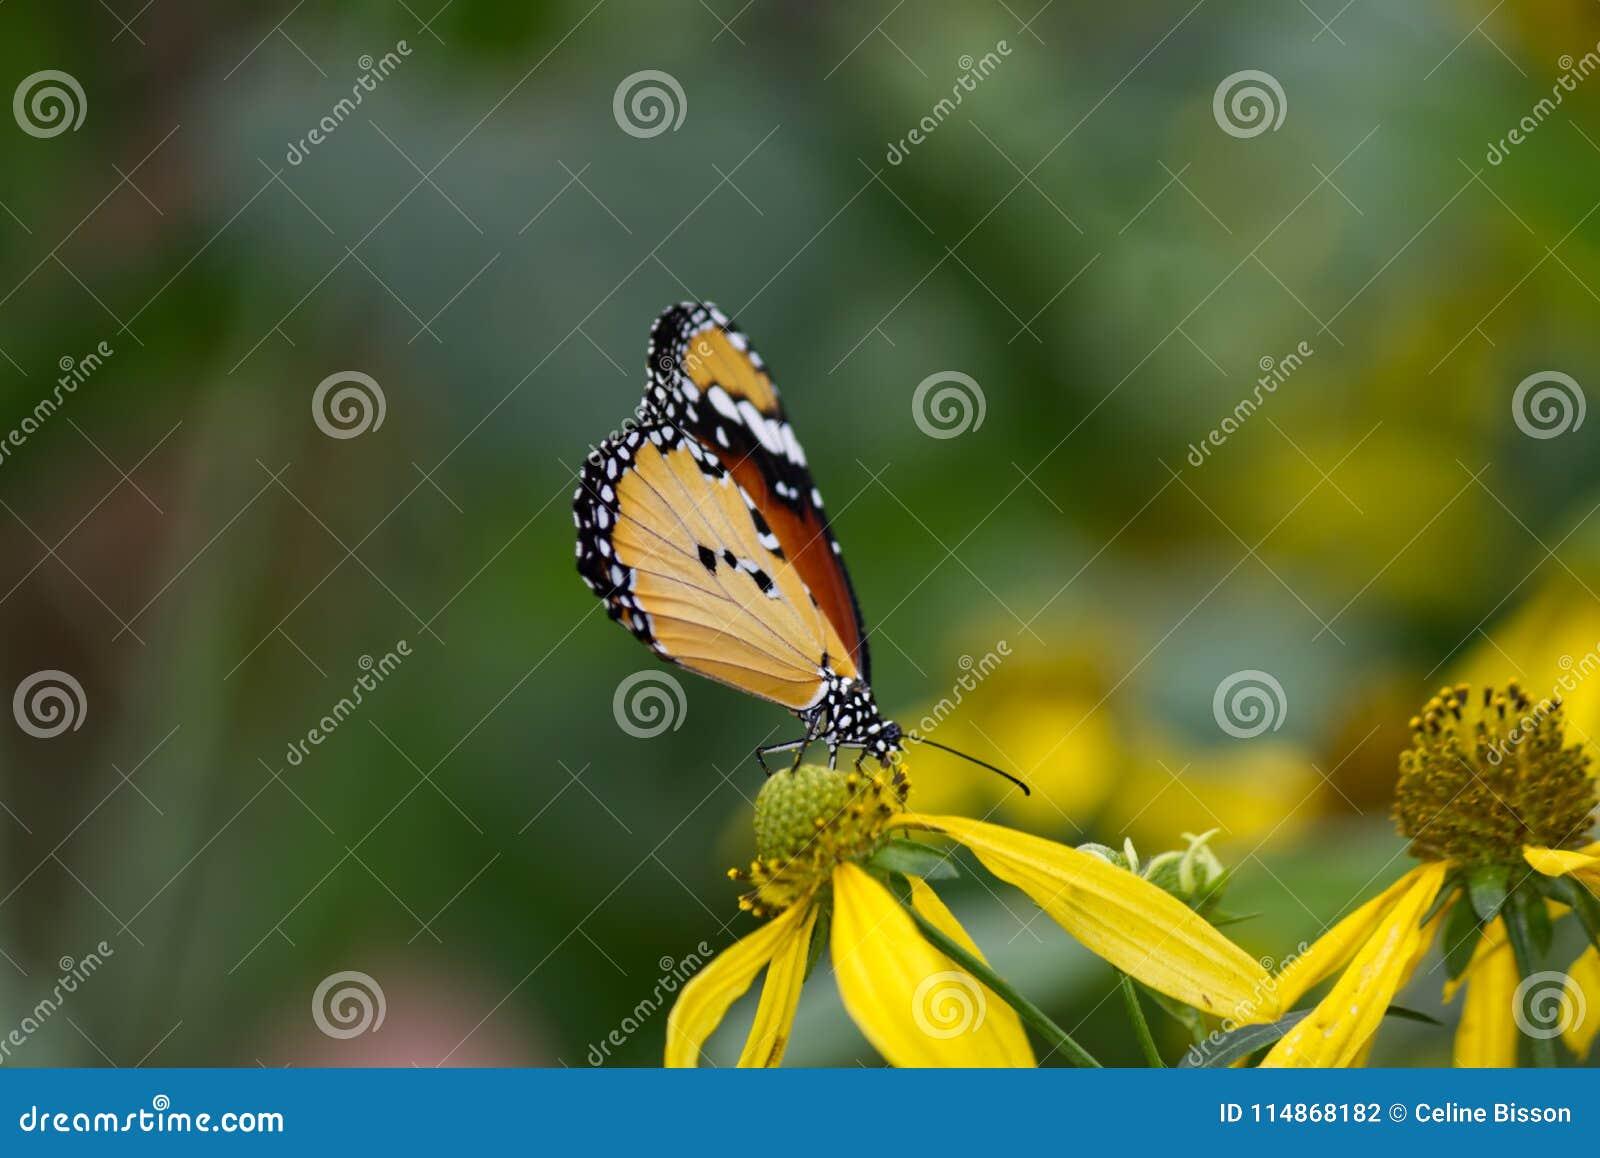 Närbild av en afrikansk monarkfjäril